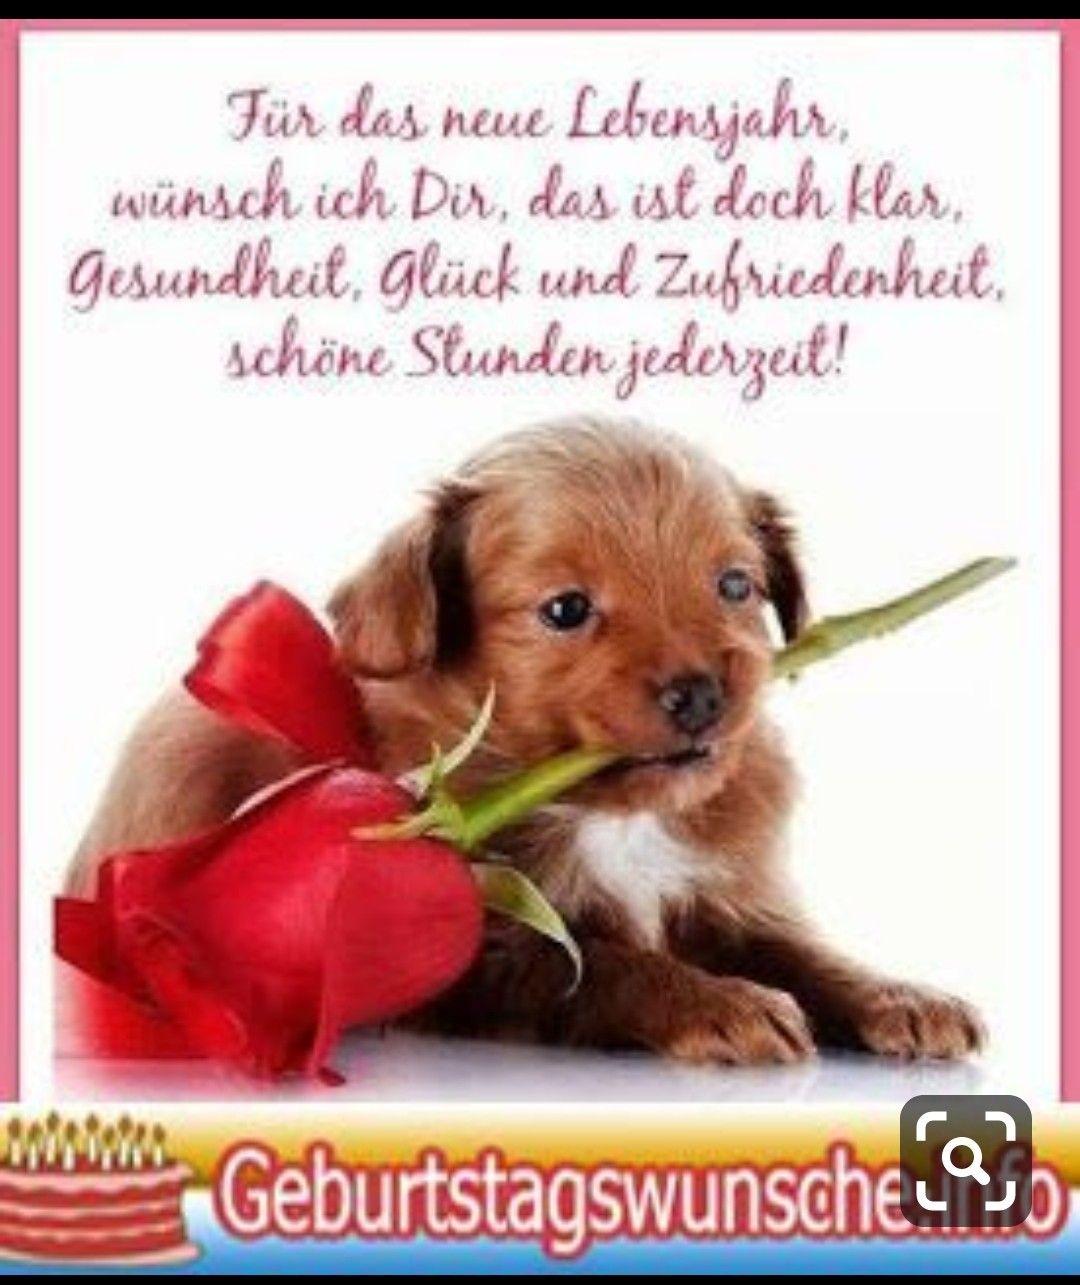 Bunte Geburtstagskarte Mit Gedicht Zum Geburtstag Und Hund